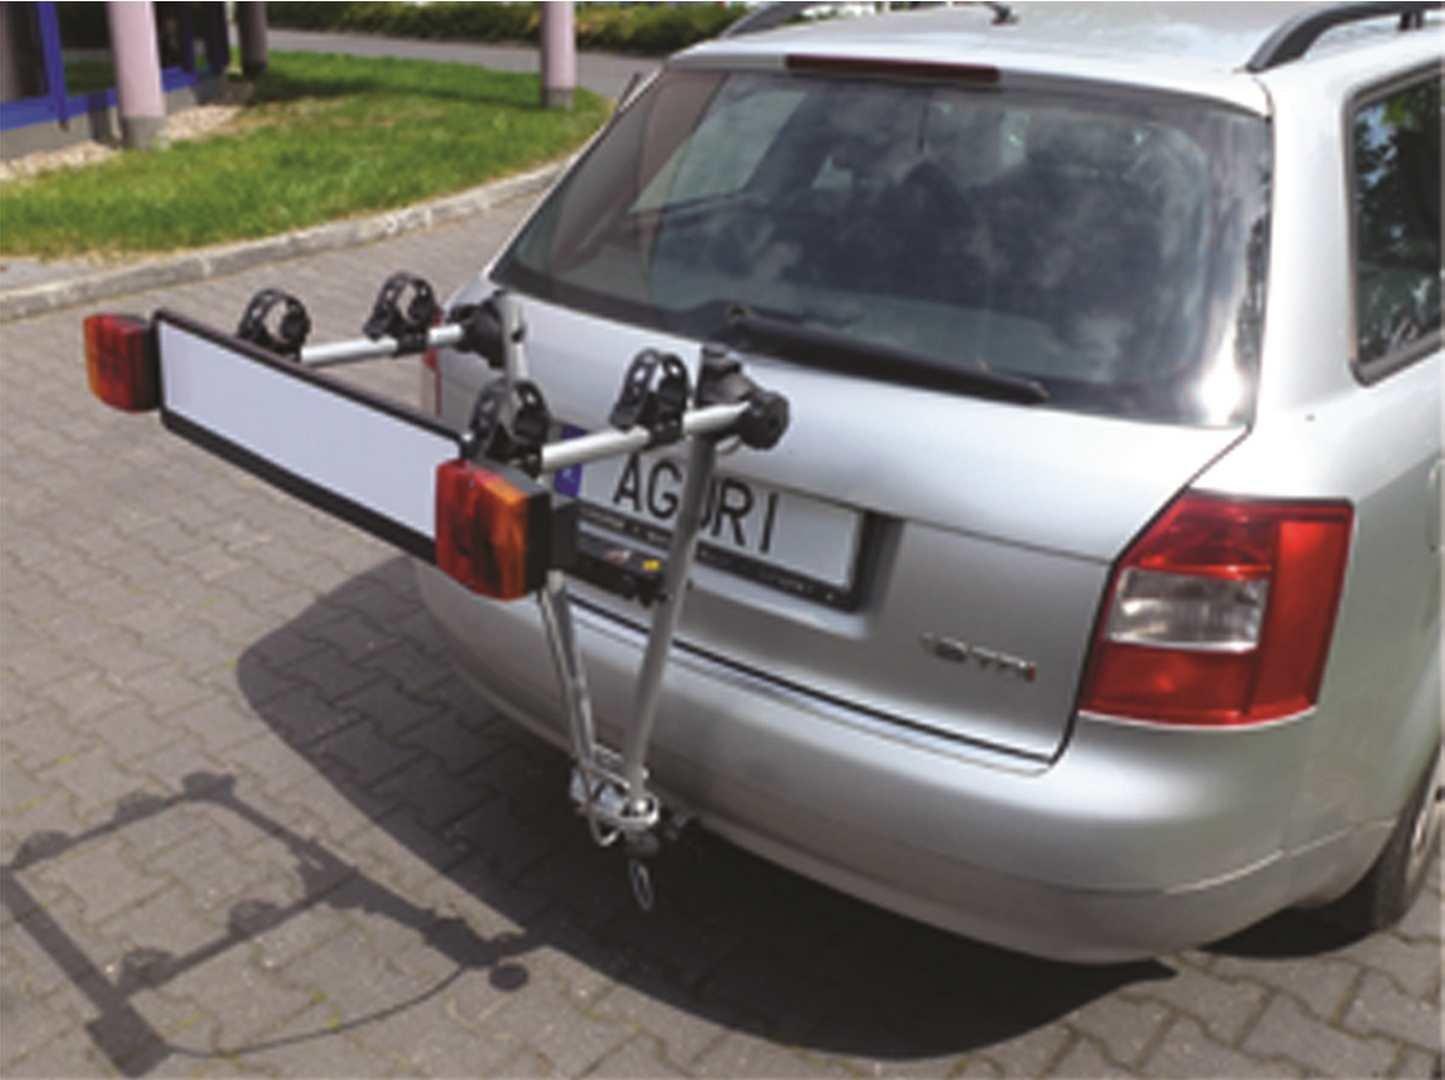 AGURI Lichtleiste für Heckträger Fahrradträger zusätzlich ...